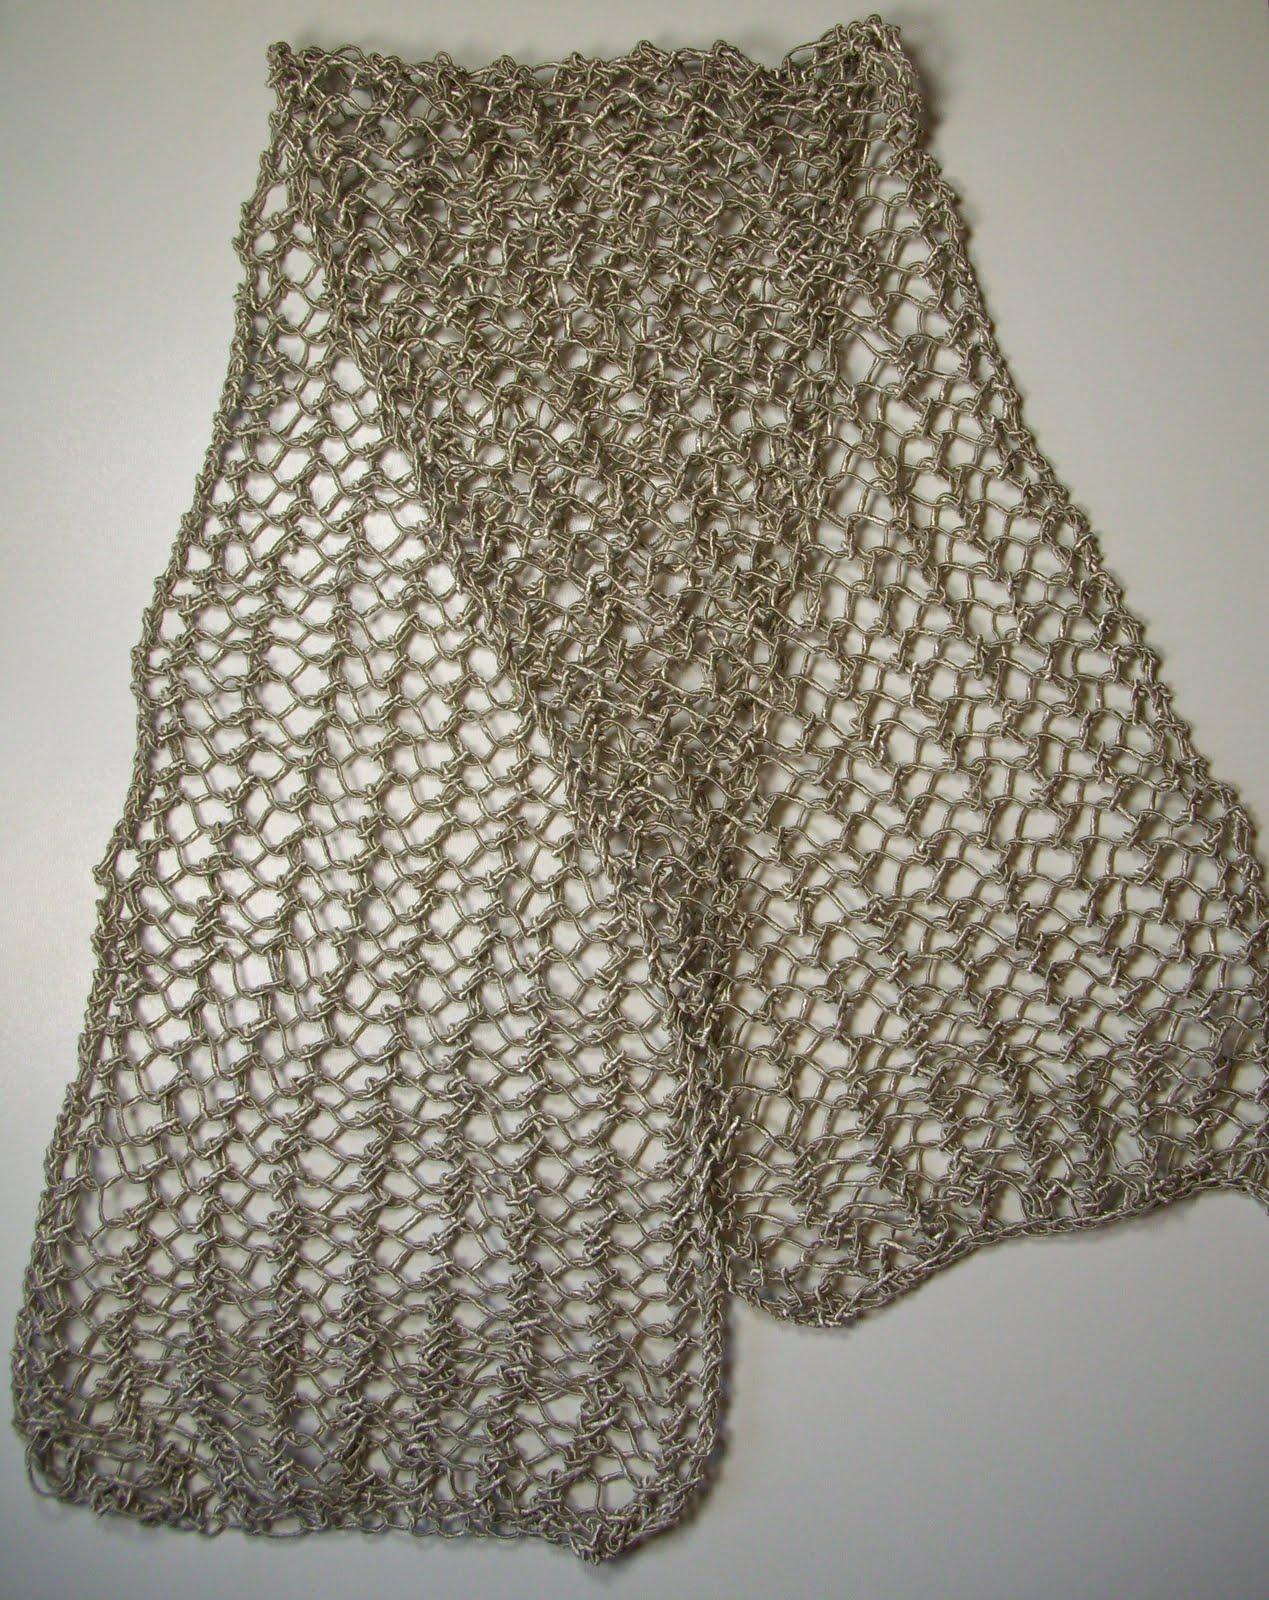 Nouvelle écharpe d été en maille filet (point de bourse, pour être  précise), tricotée en Amalfi (1 pelote suffit pour une écharpe courte)  f556f251227